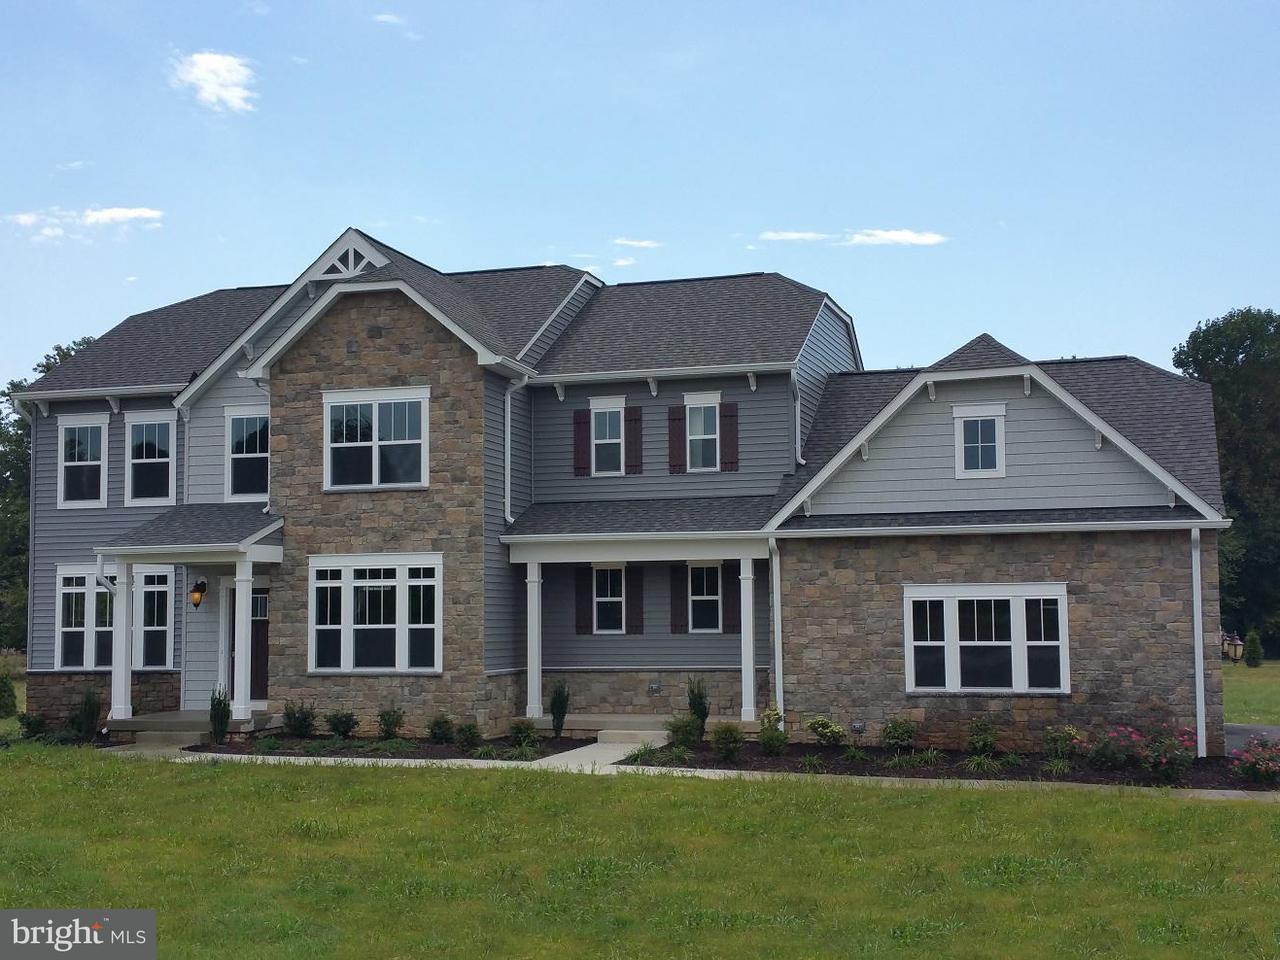 Casa Unifamiliar por un Venta en 7468 SUGAR CANE Court 7468 SUGAR CANE Court Charlotte Hall, Maryland 20622 Estados Unidos